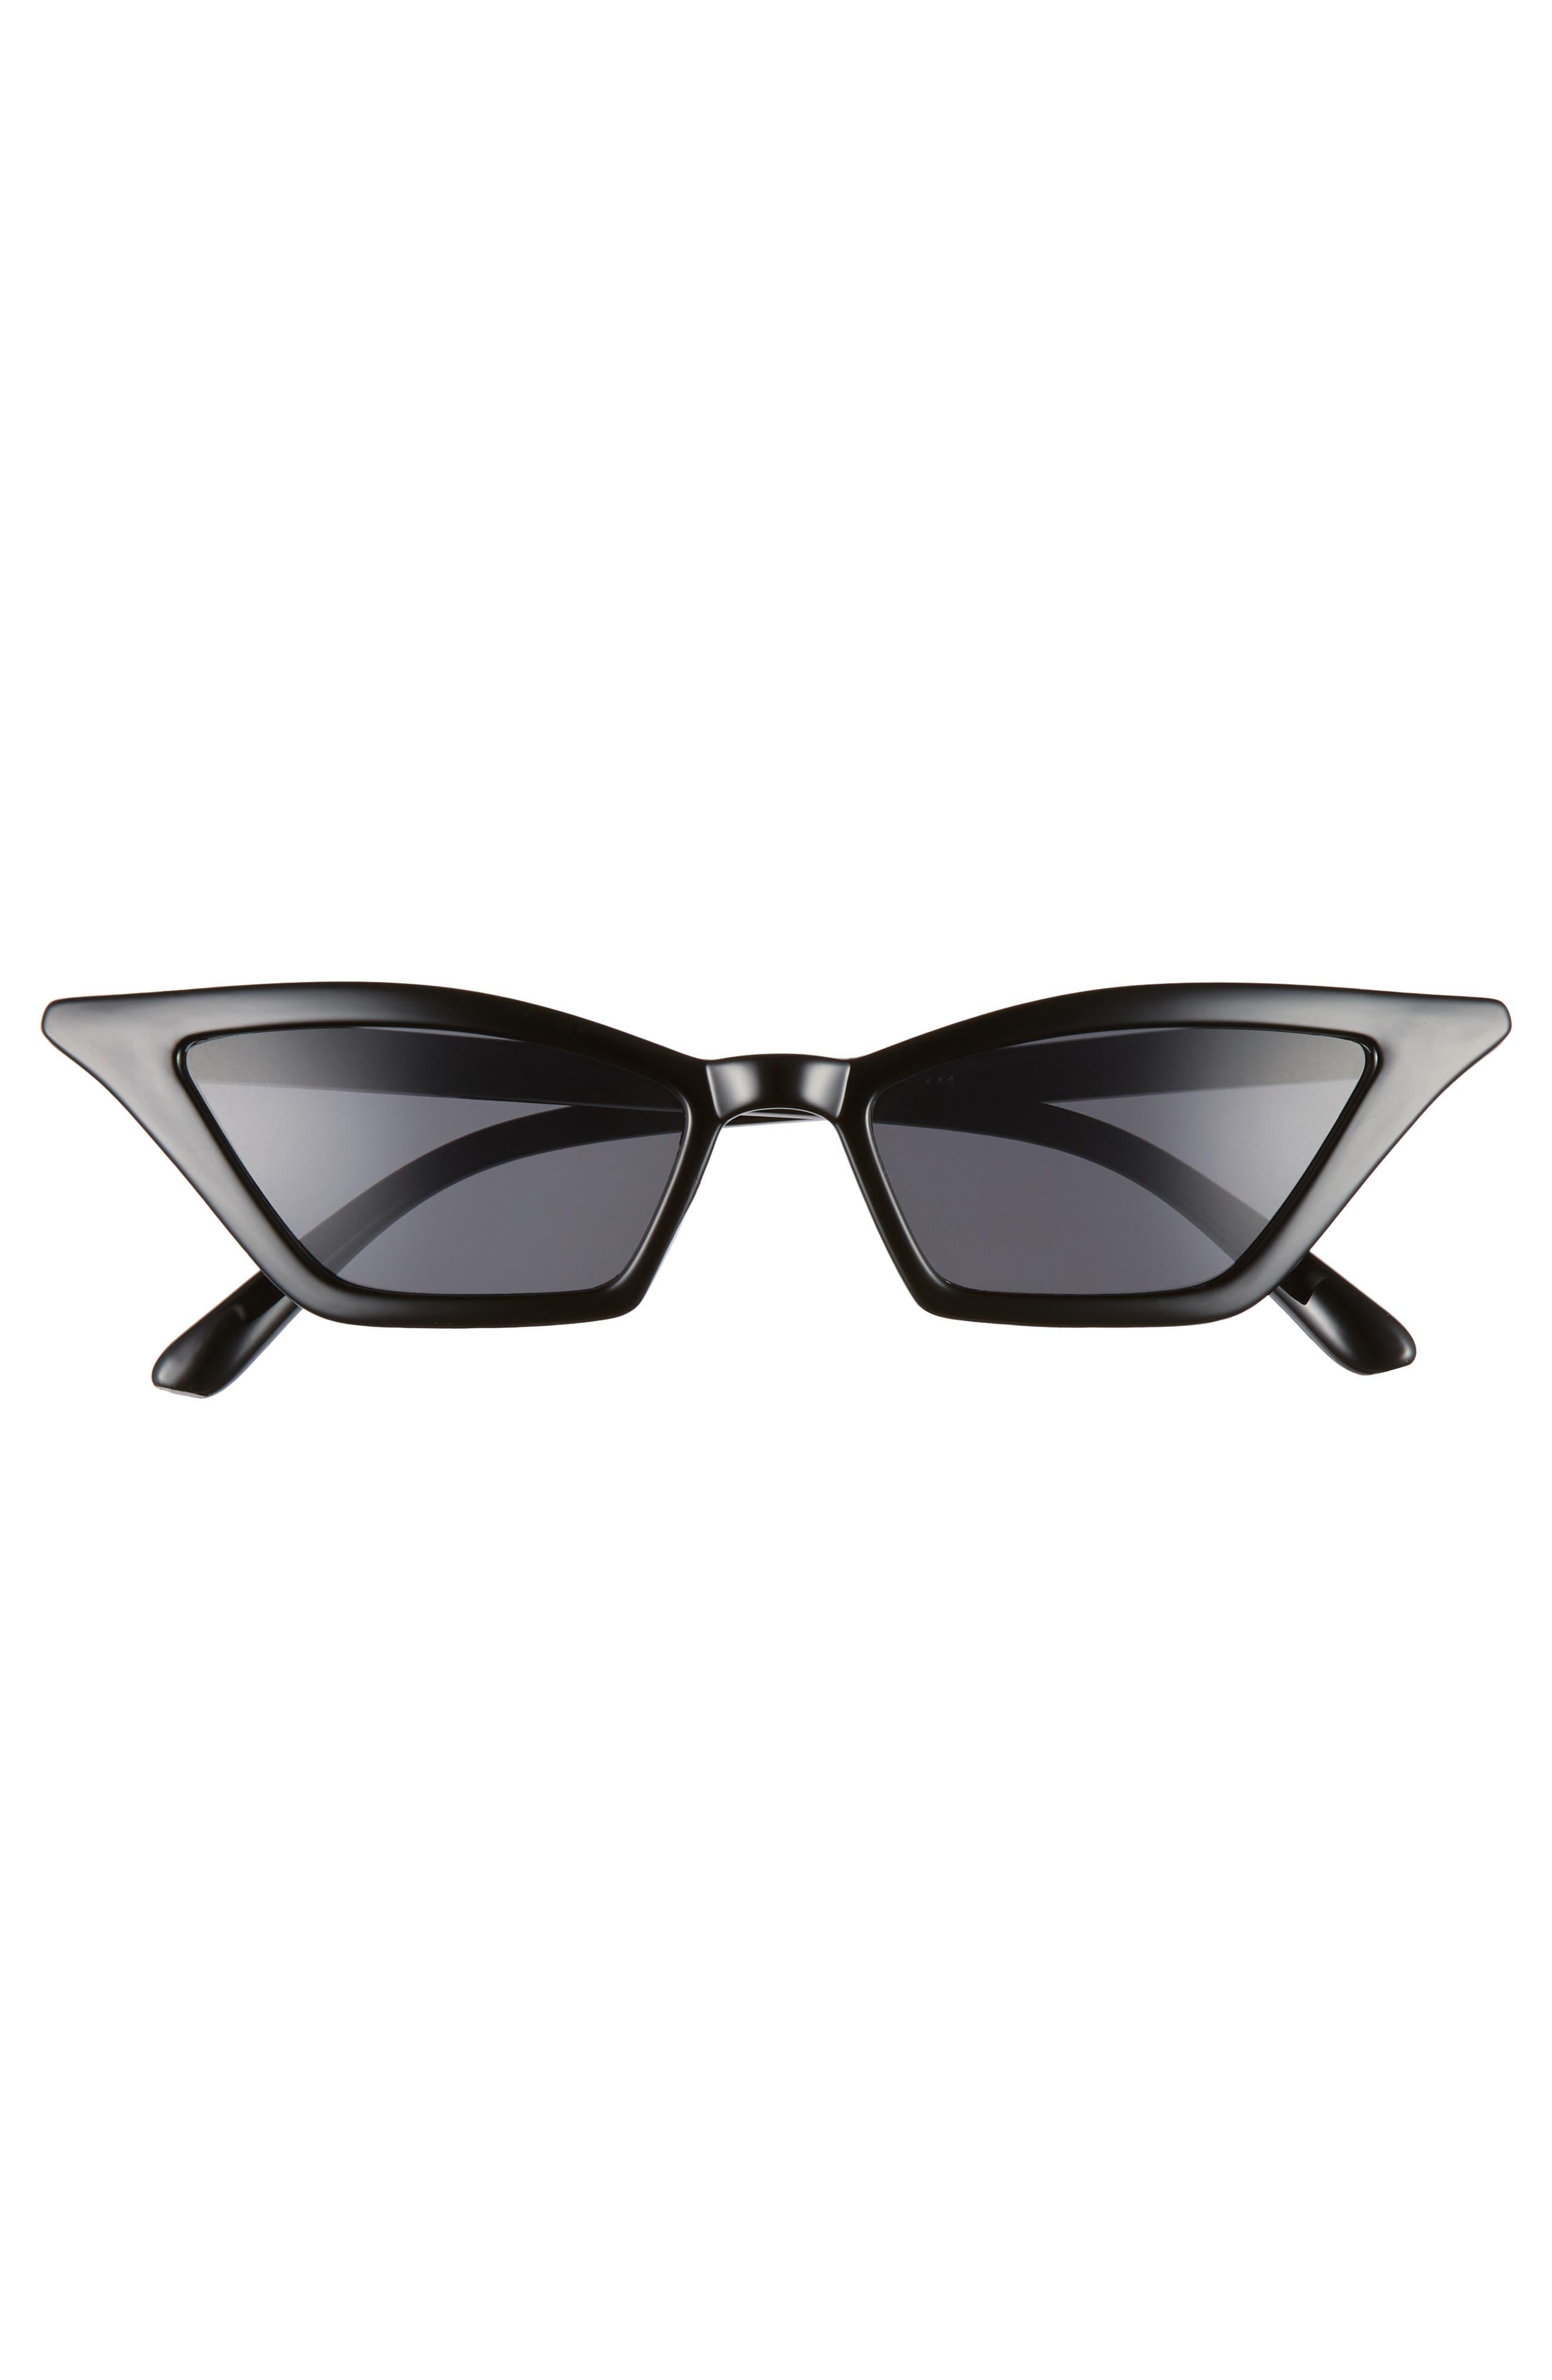 54mm Geometric Sunglasses,                             Alternate thumbnail 3, color,                             BLACK/ BLACK